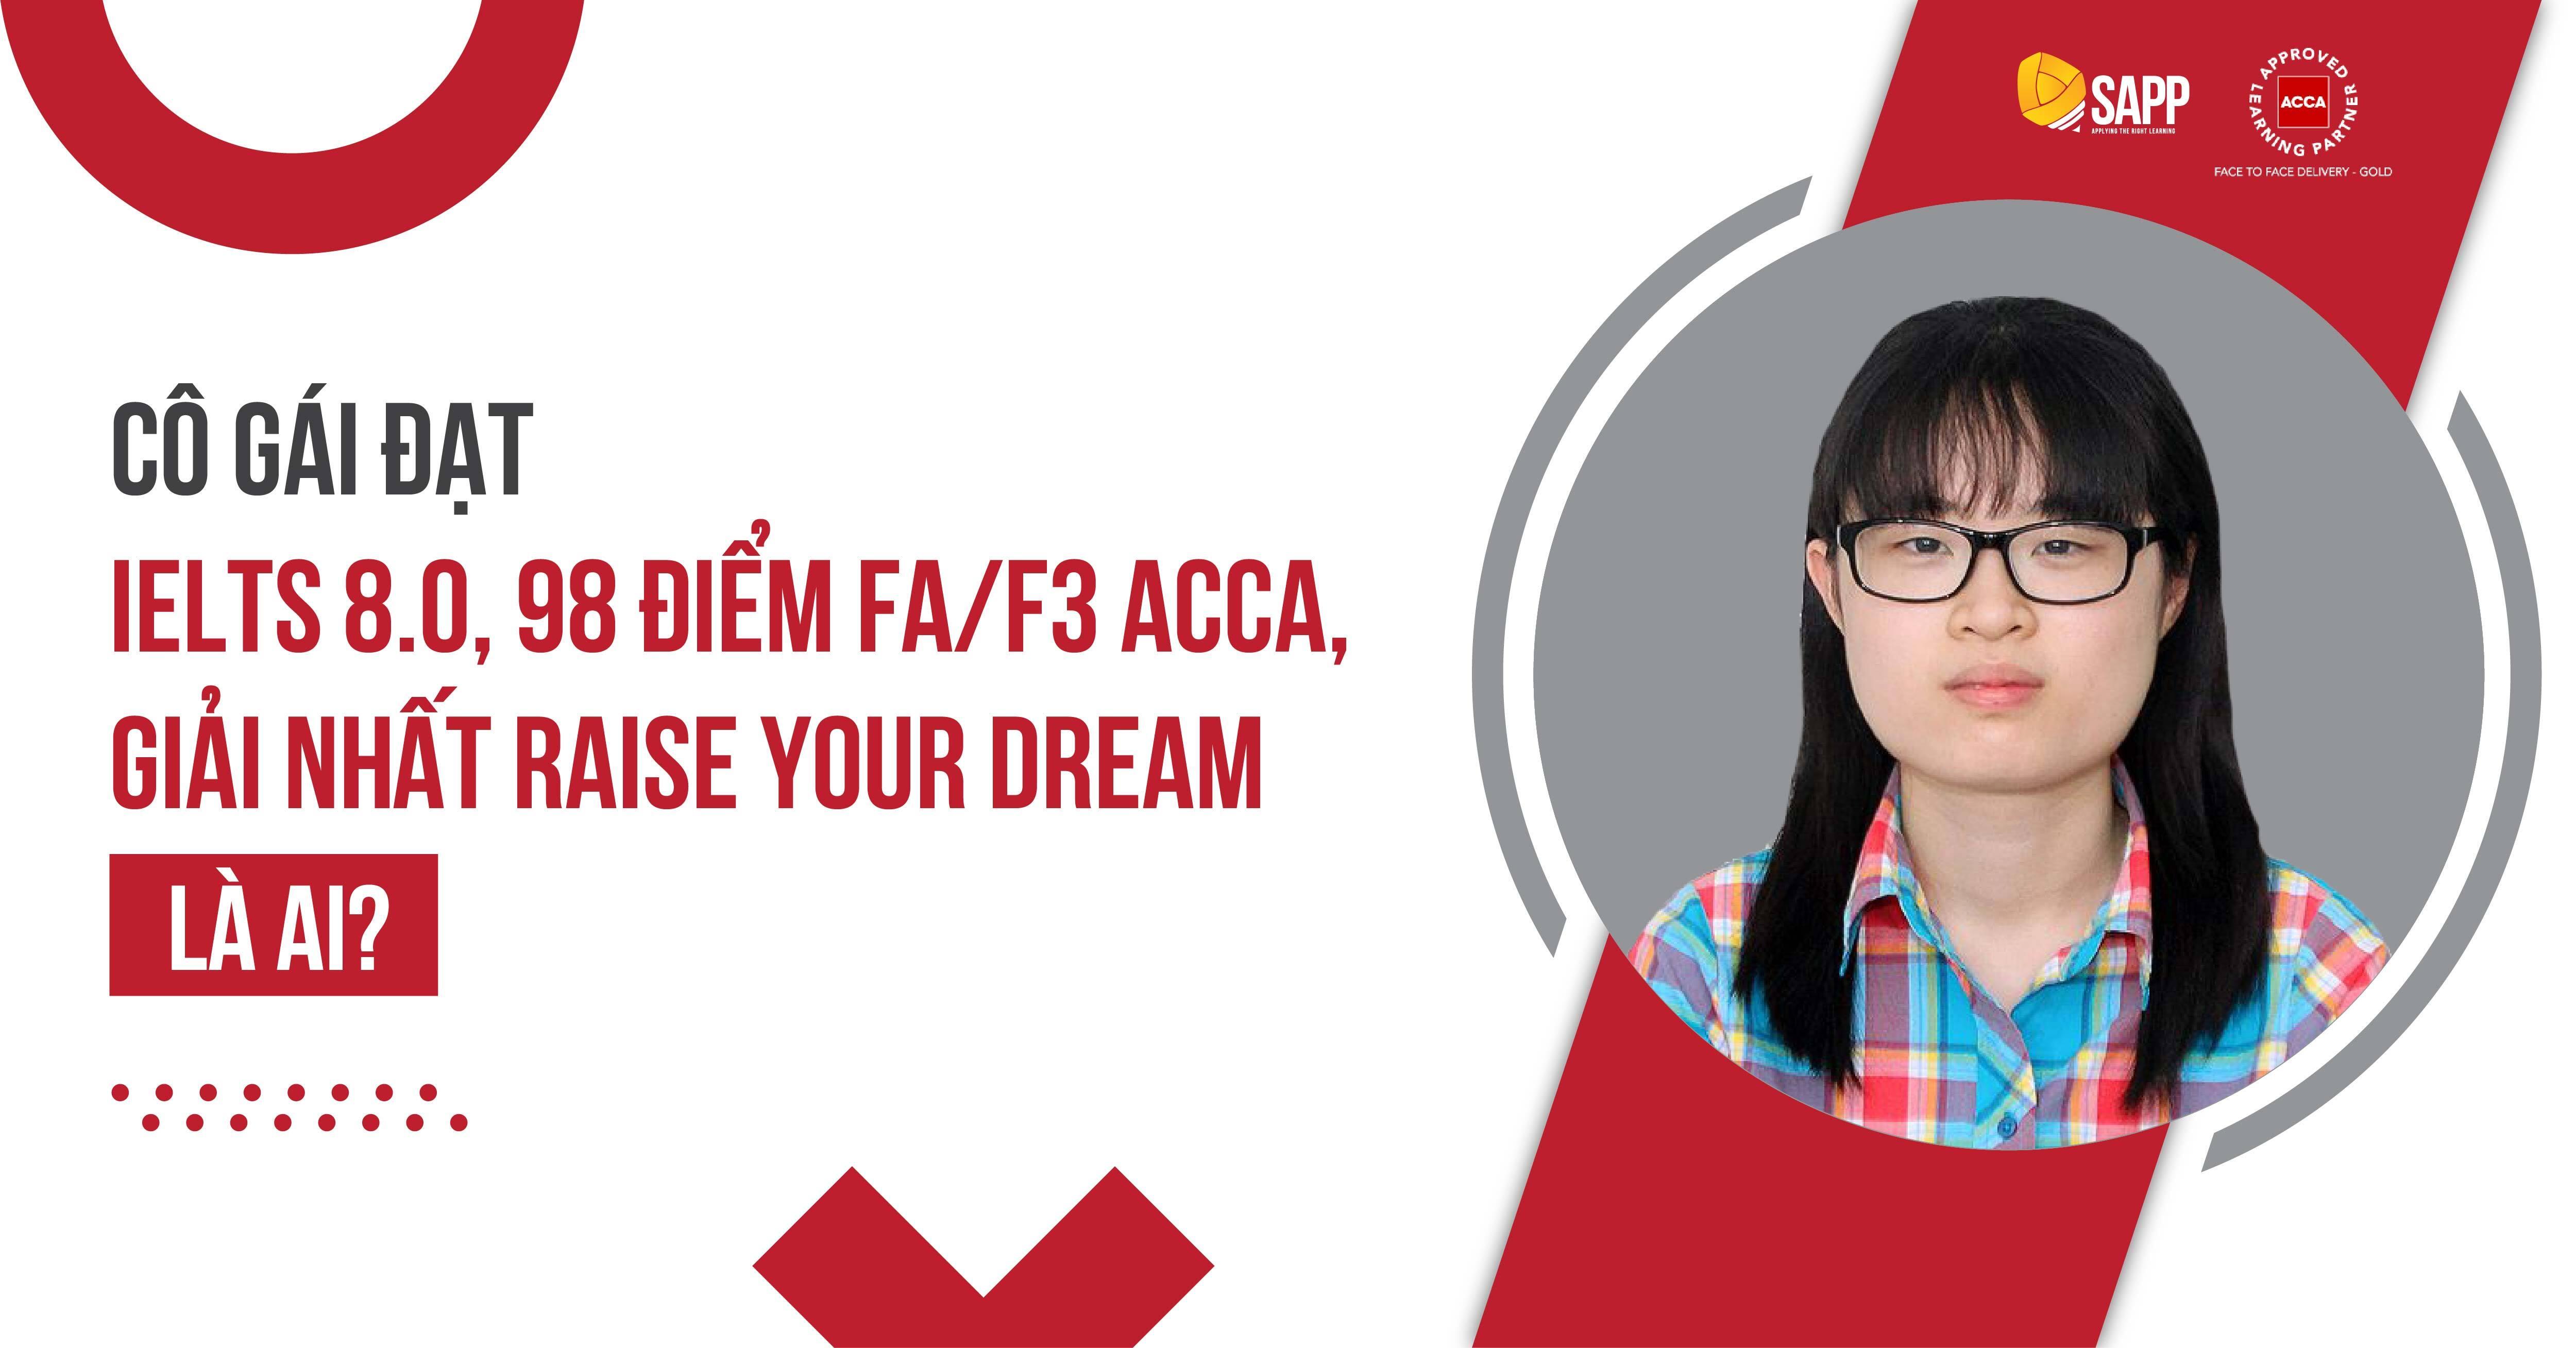 Cô Gái Đạt IELTS 8.0, 98 Điểm FA/F3 ACCA, Giải Nhất Raise Your Dream Là Ai?